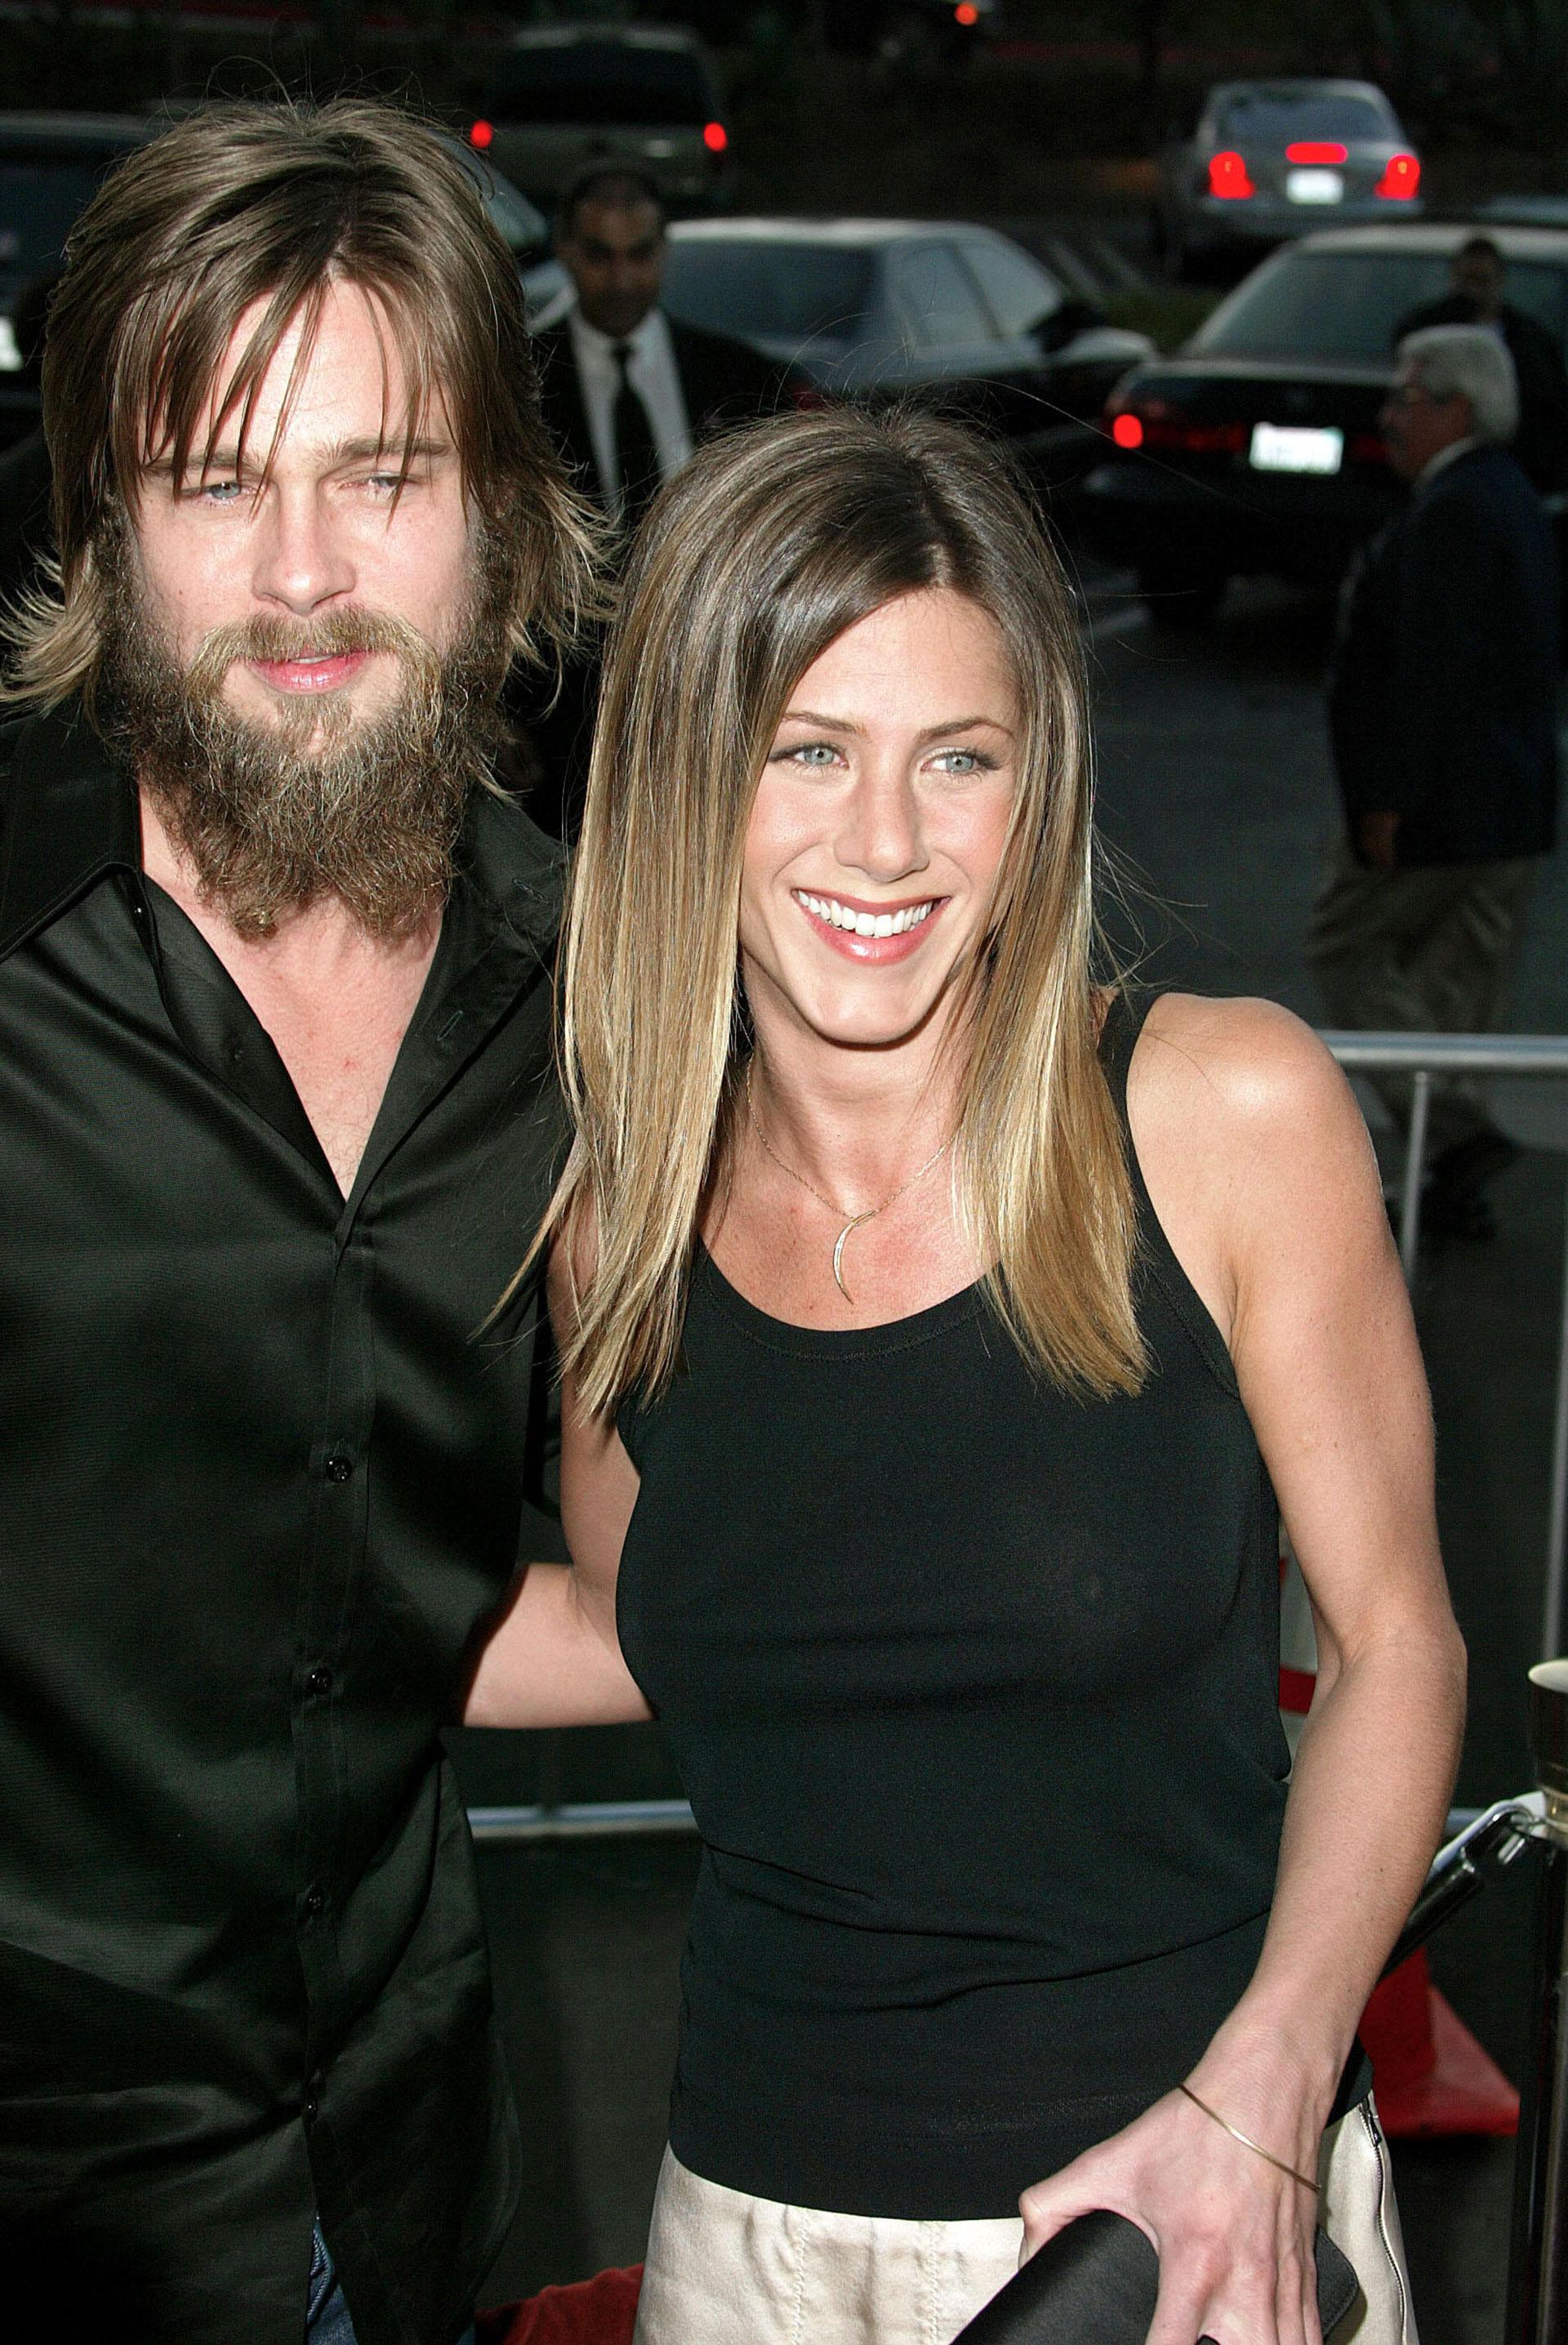 Su romance con Brad Pitt, que duró desde el 2000 al 2005, se terminó cuando el actor la dejó por Angelina Jolie